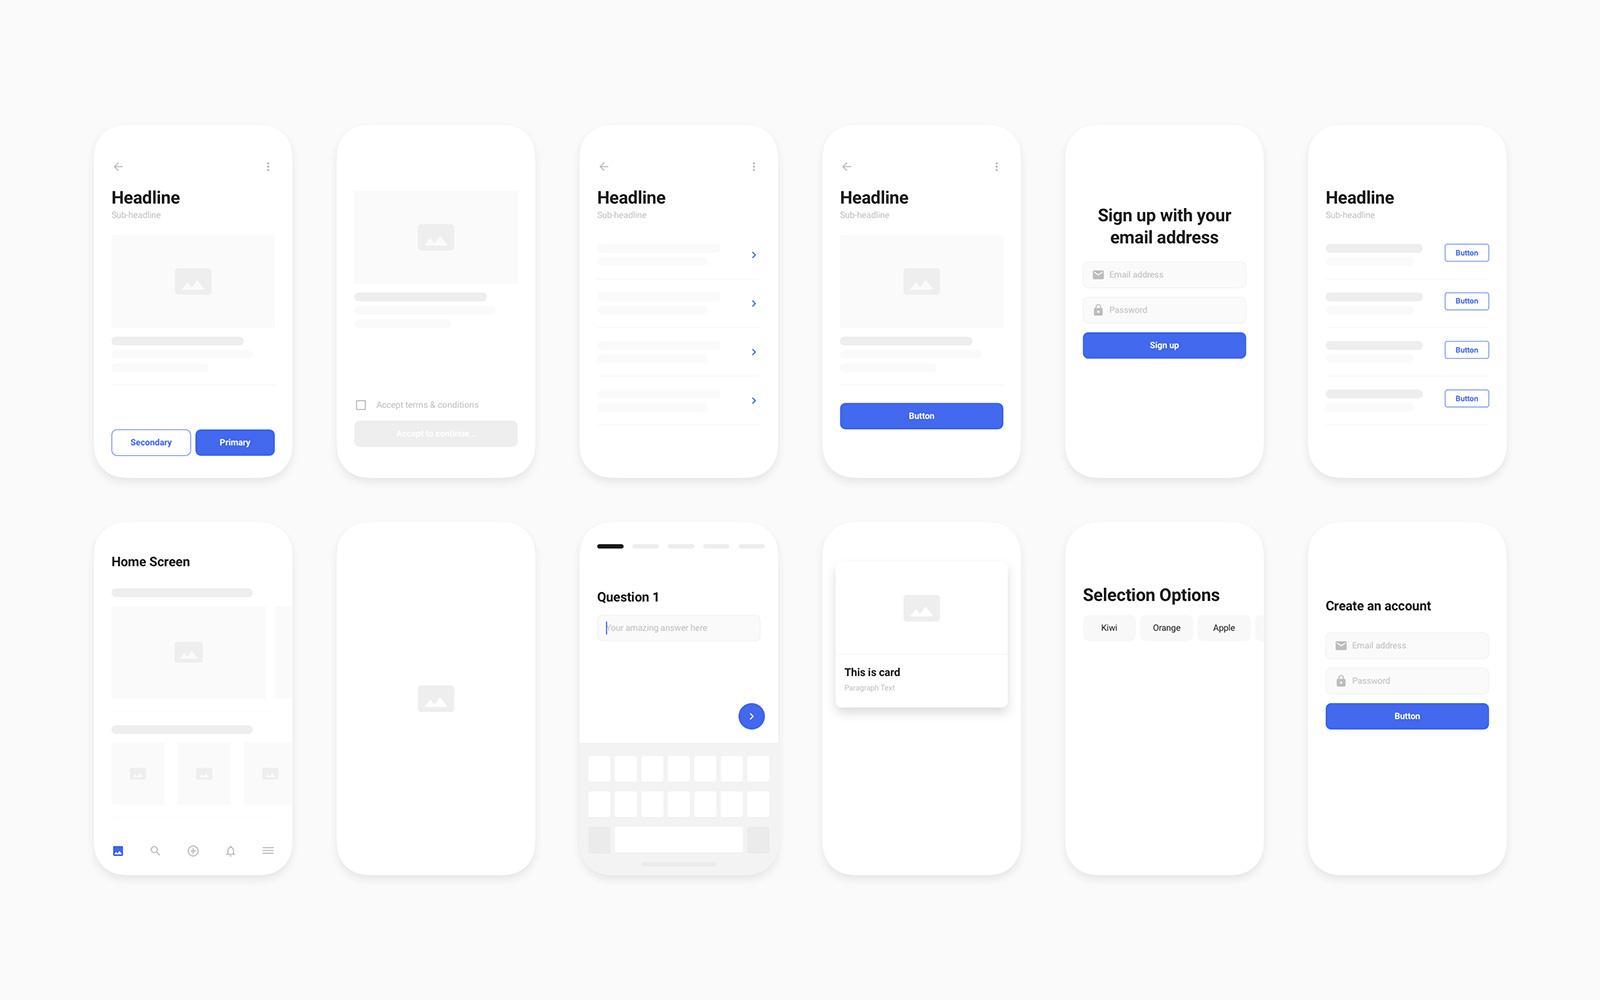 Mobile app design the new basics